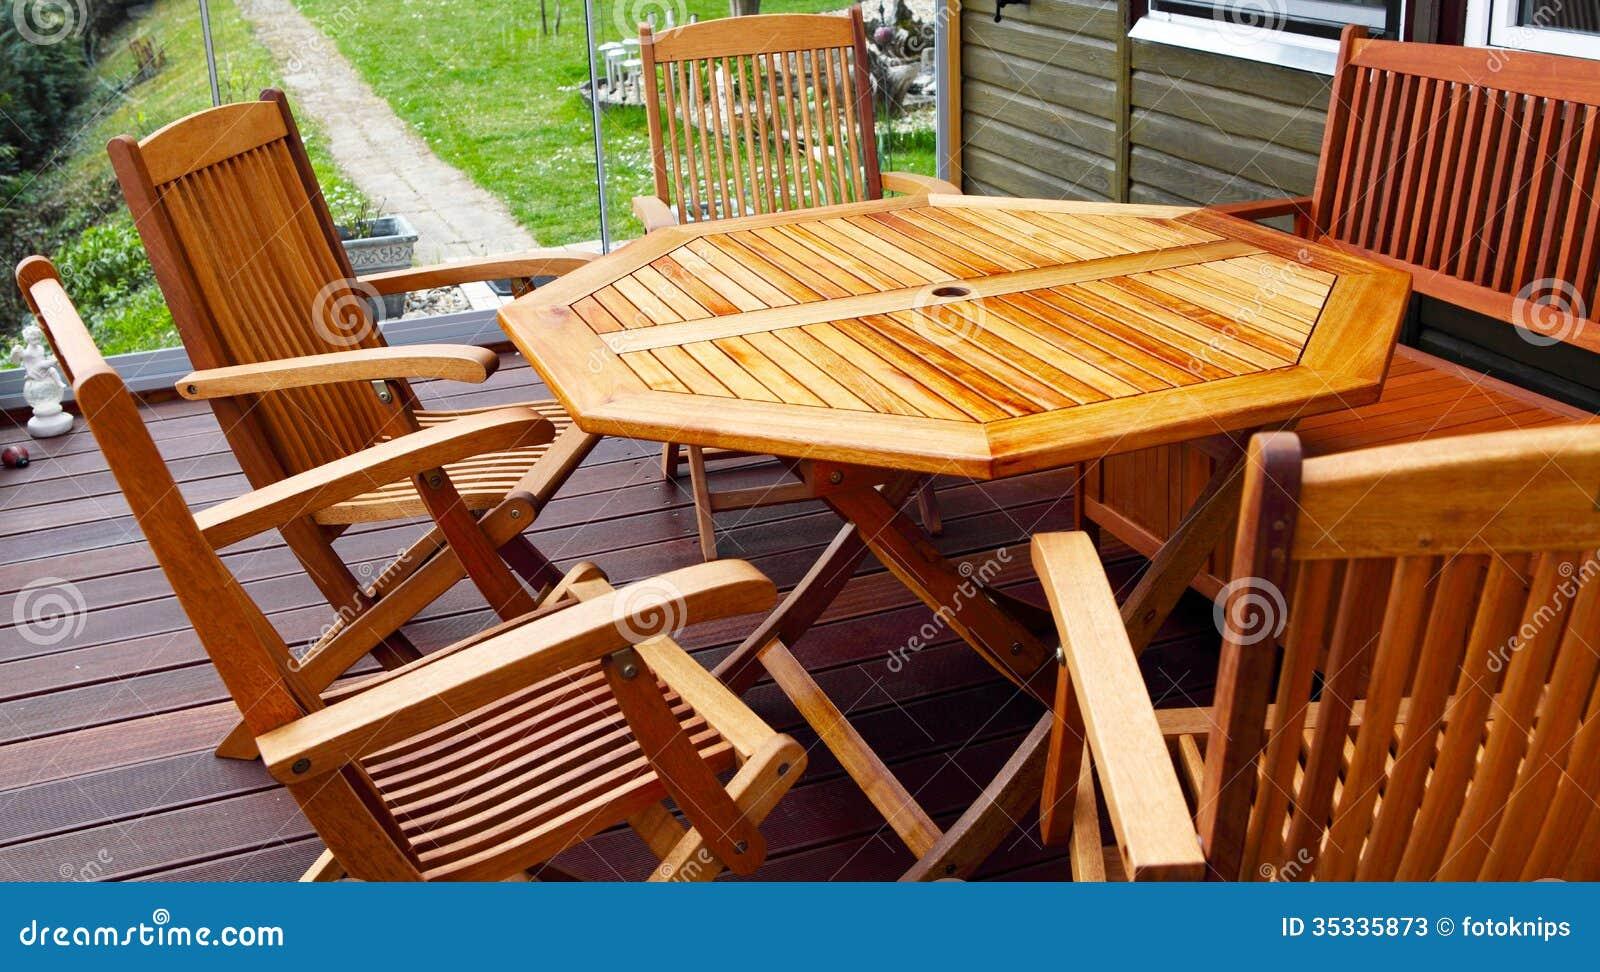 Muebles de madera del patio imagen de archivo imagen for Muebles de madera para patio